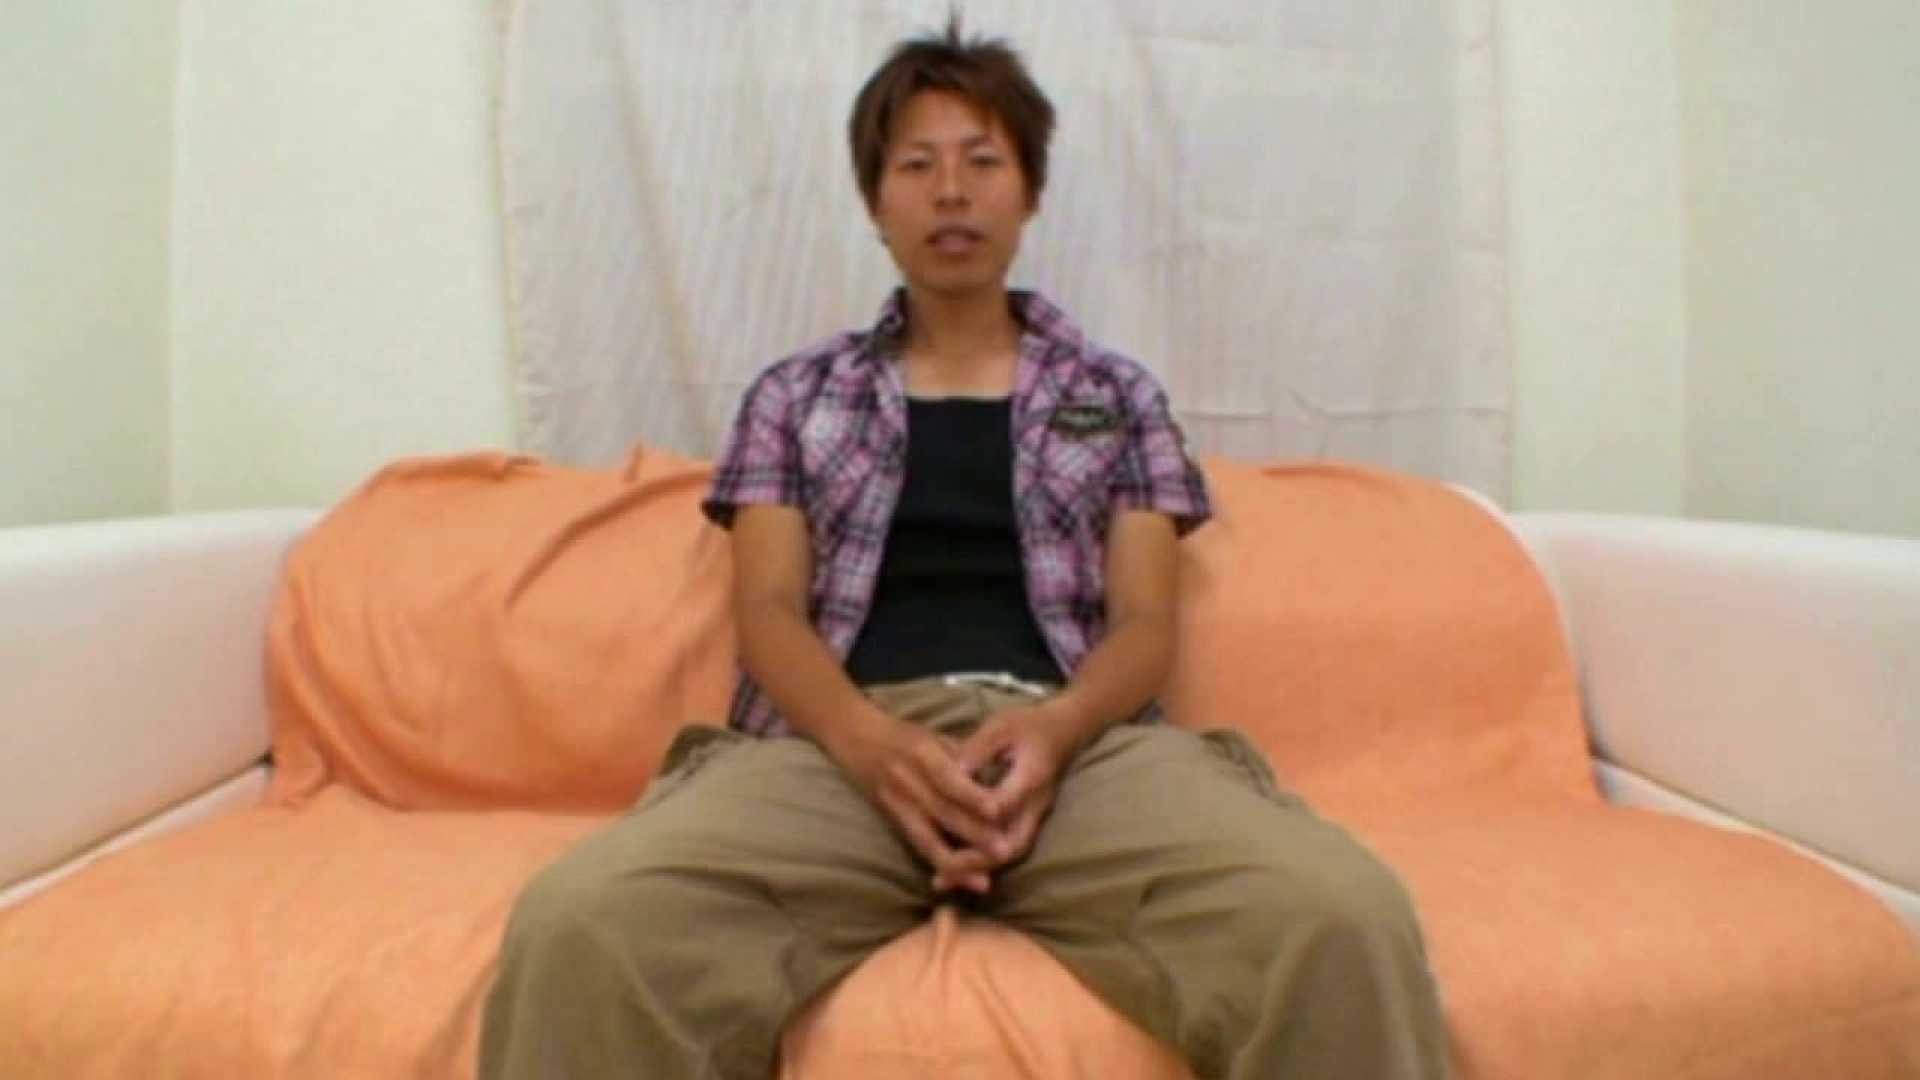 ノンケ!自慰スタジオ No.10 ノンケ天国 ゲイアダルト画像 83pic 28